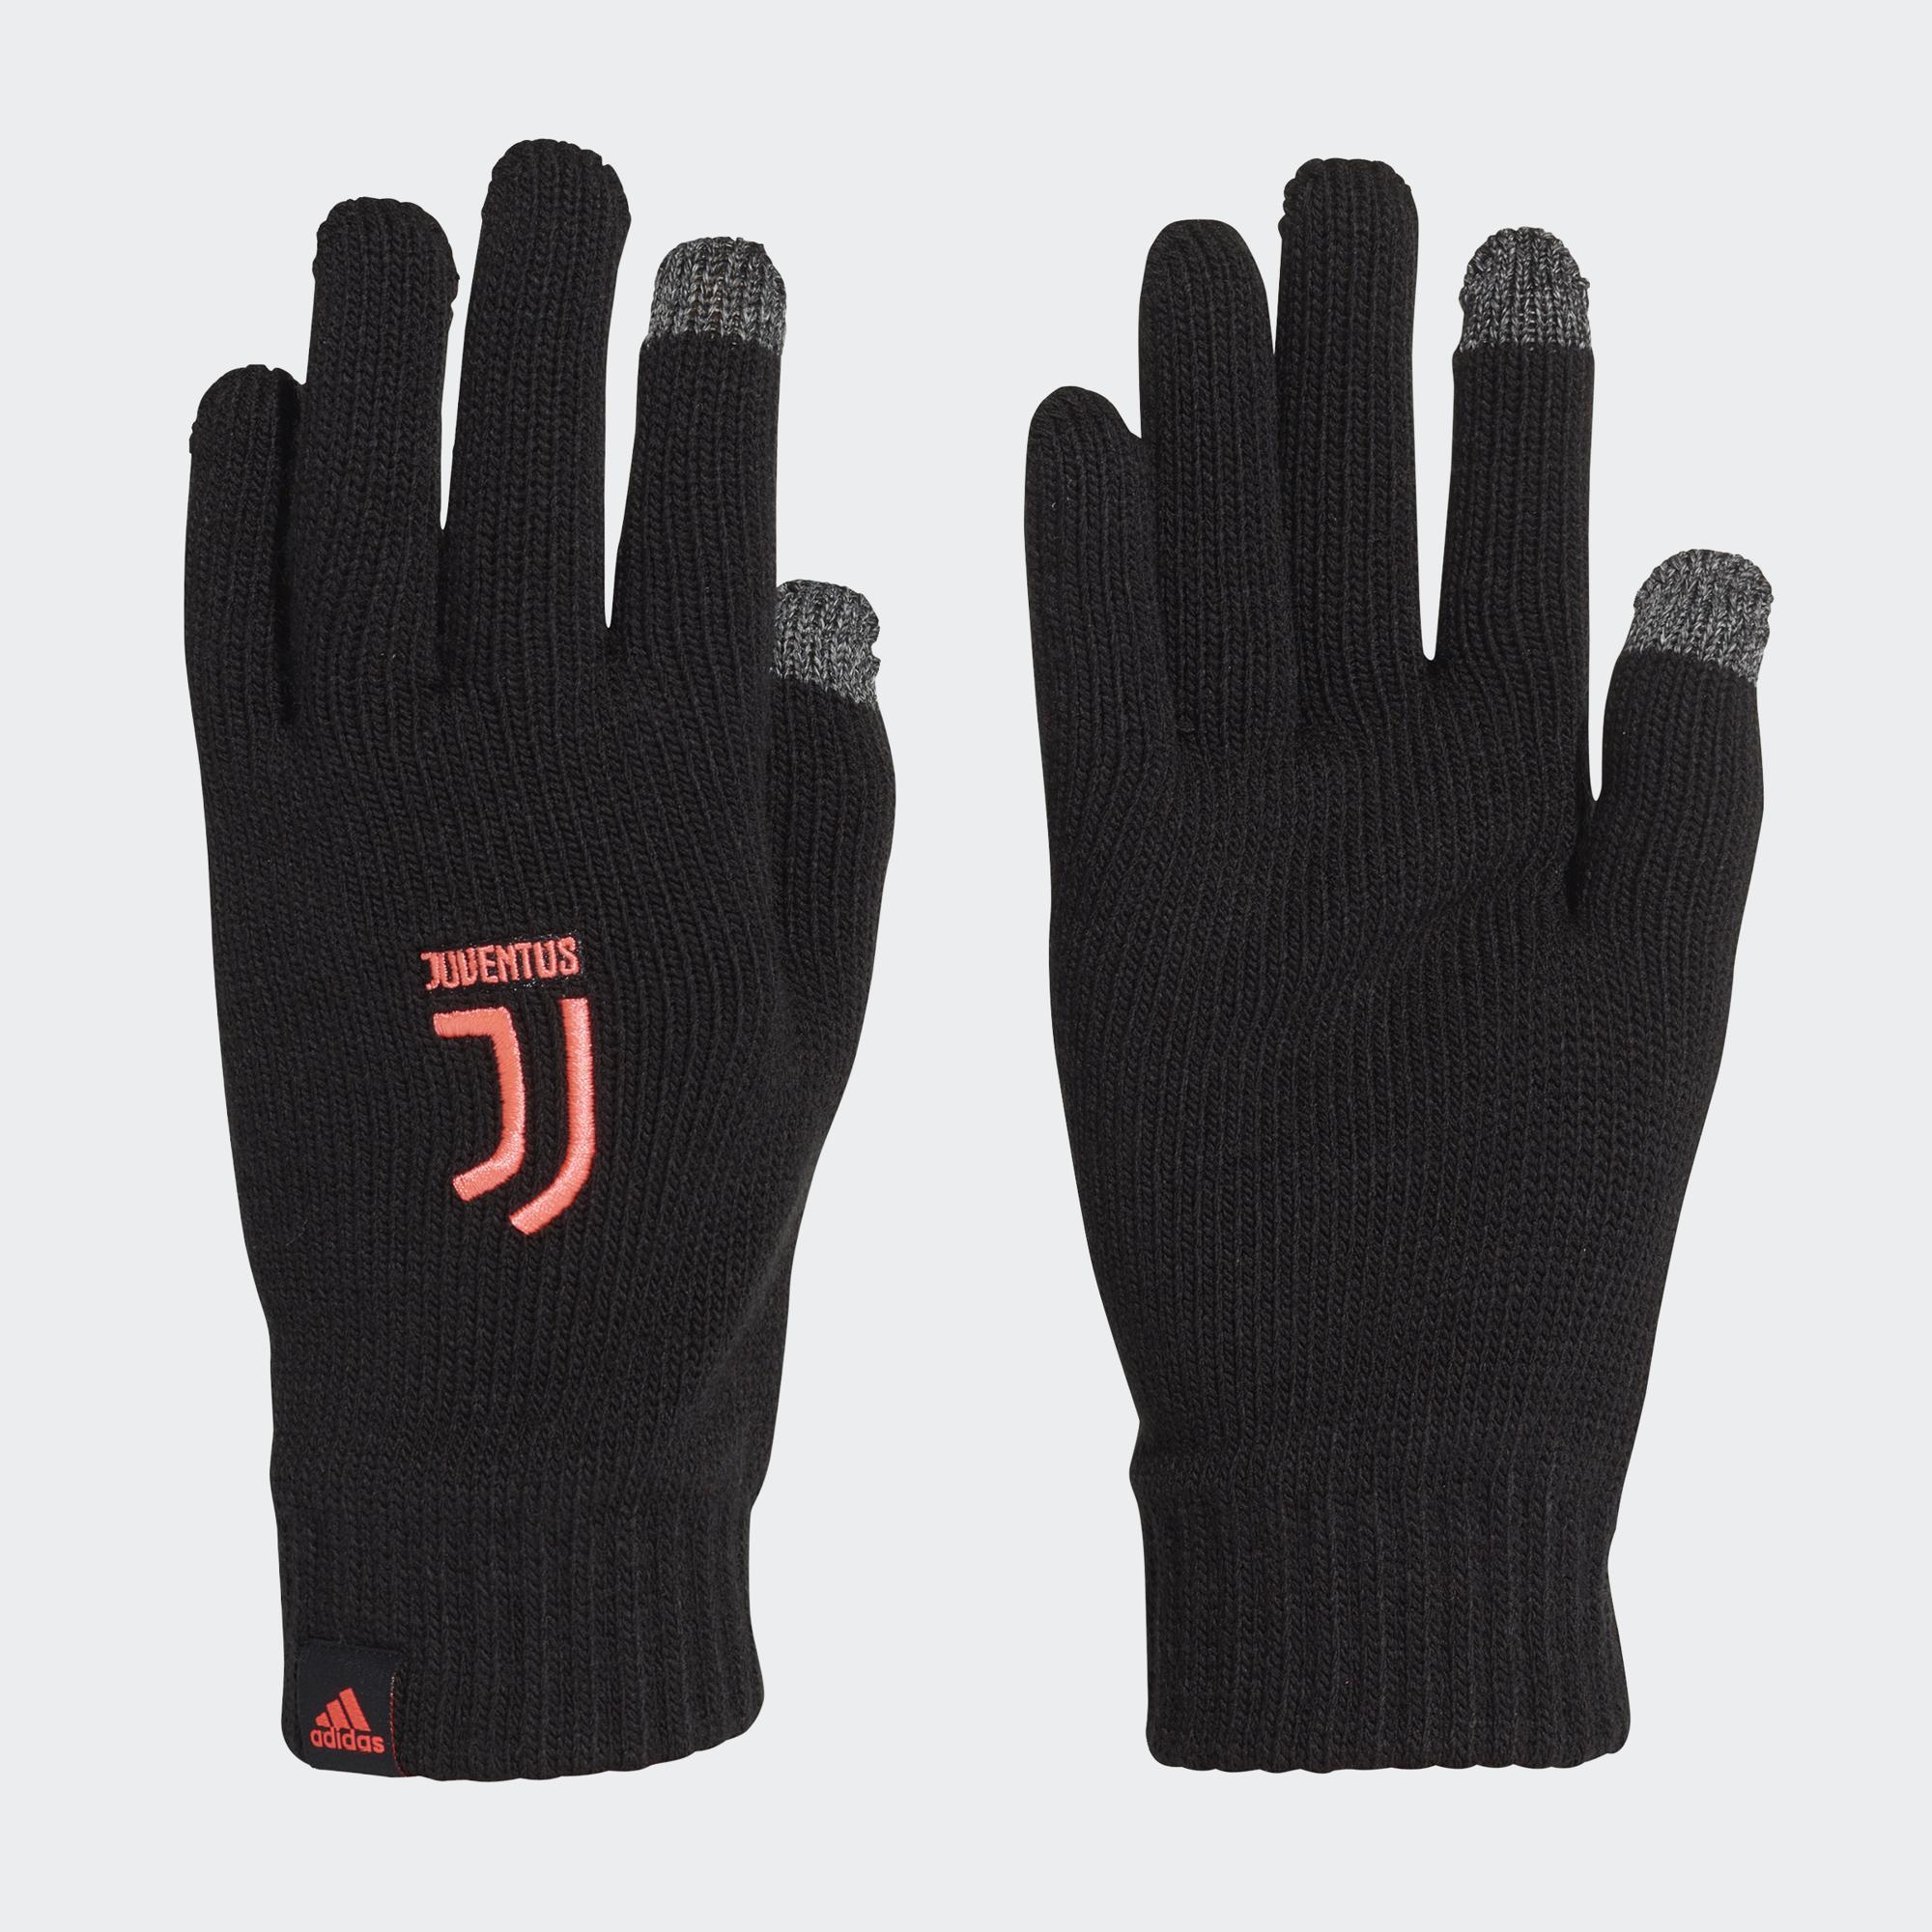 Adidas Guanto  Juventus